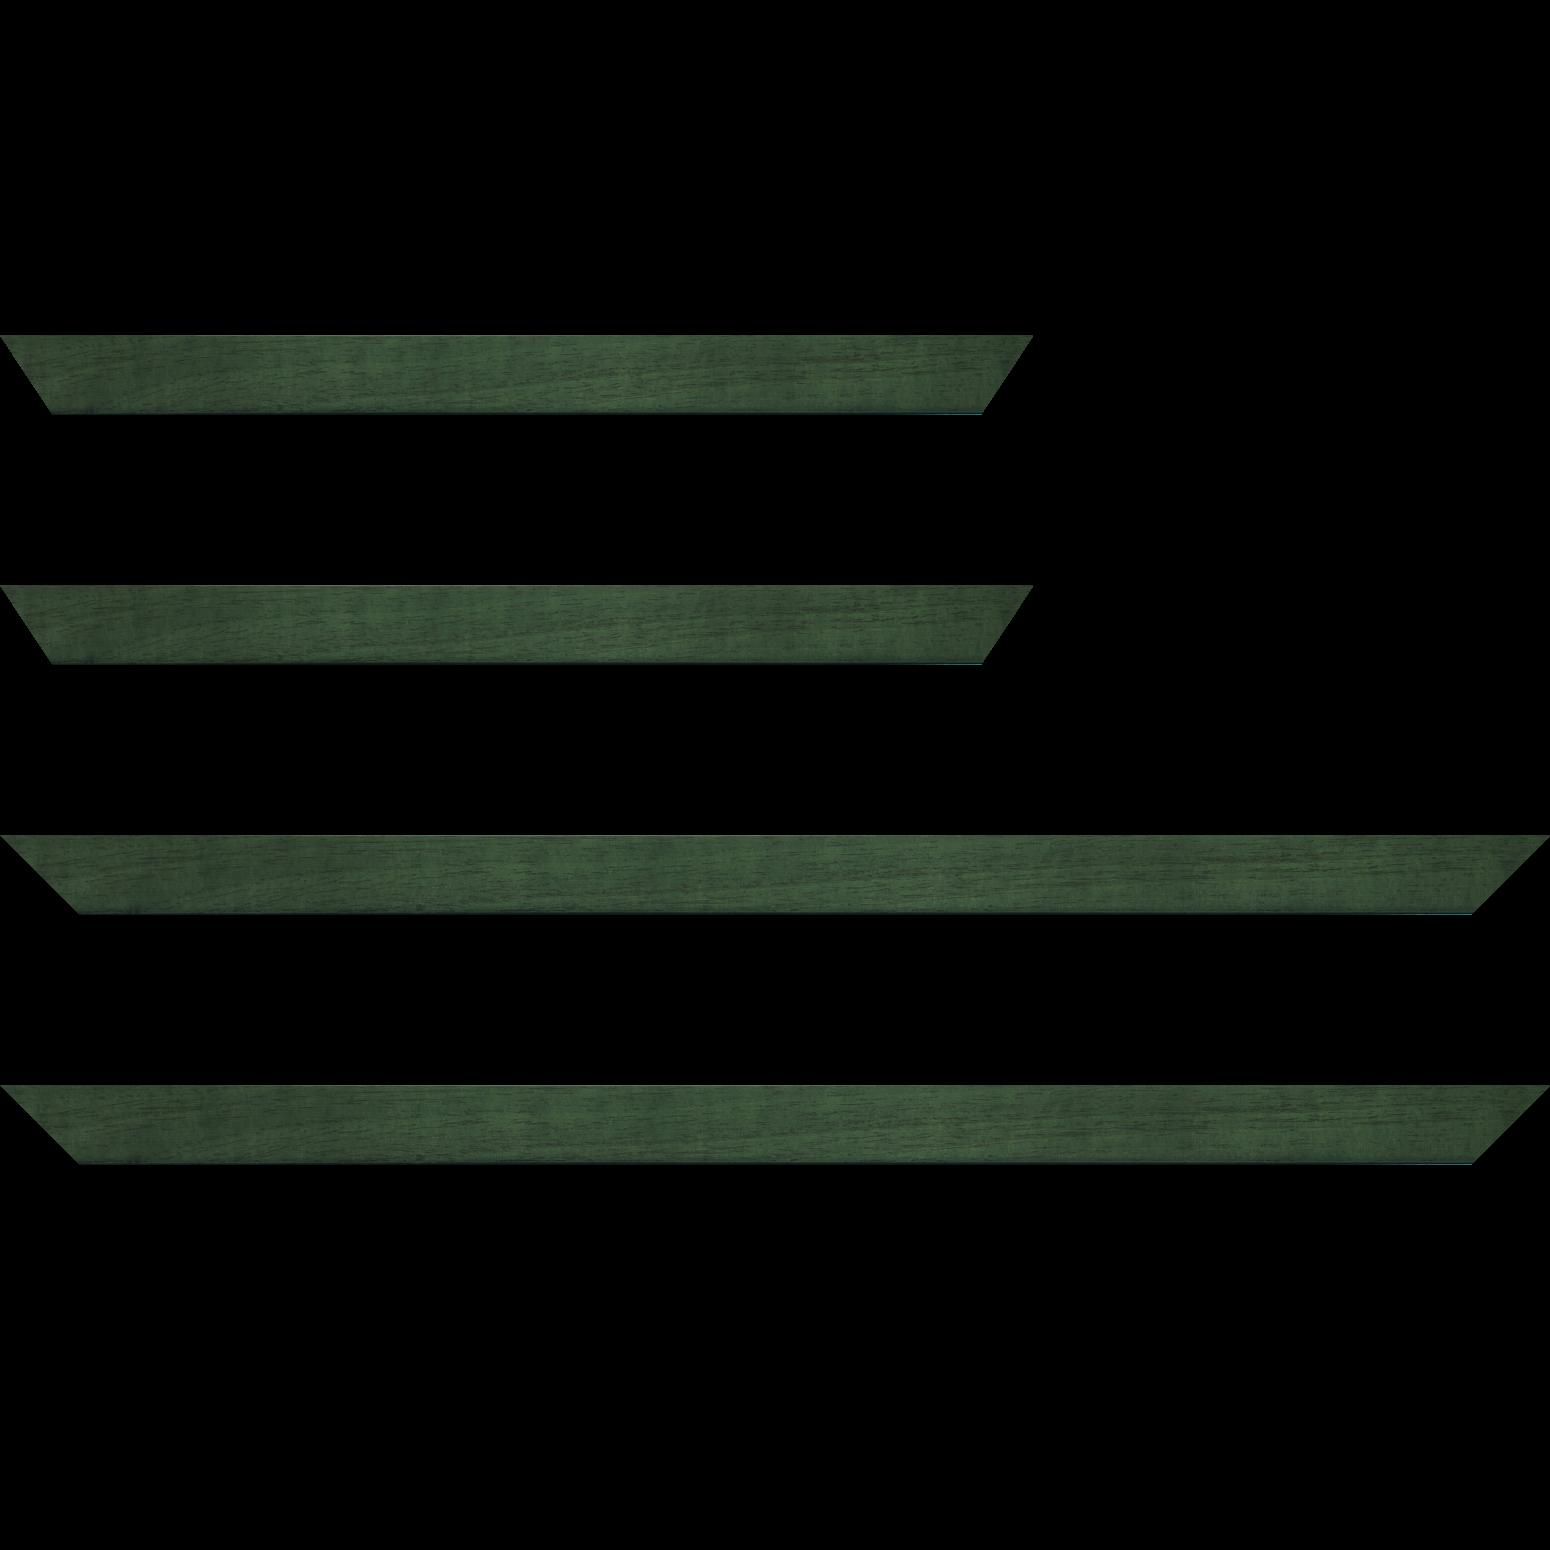 Baguette service précoupé bois profil plat largeur 2.5cm couleur vert sapin satiné